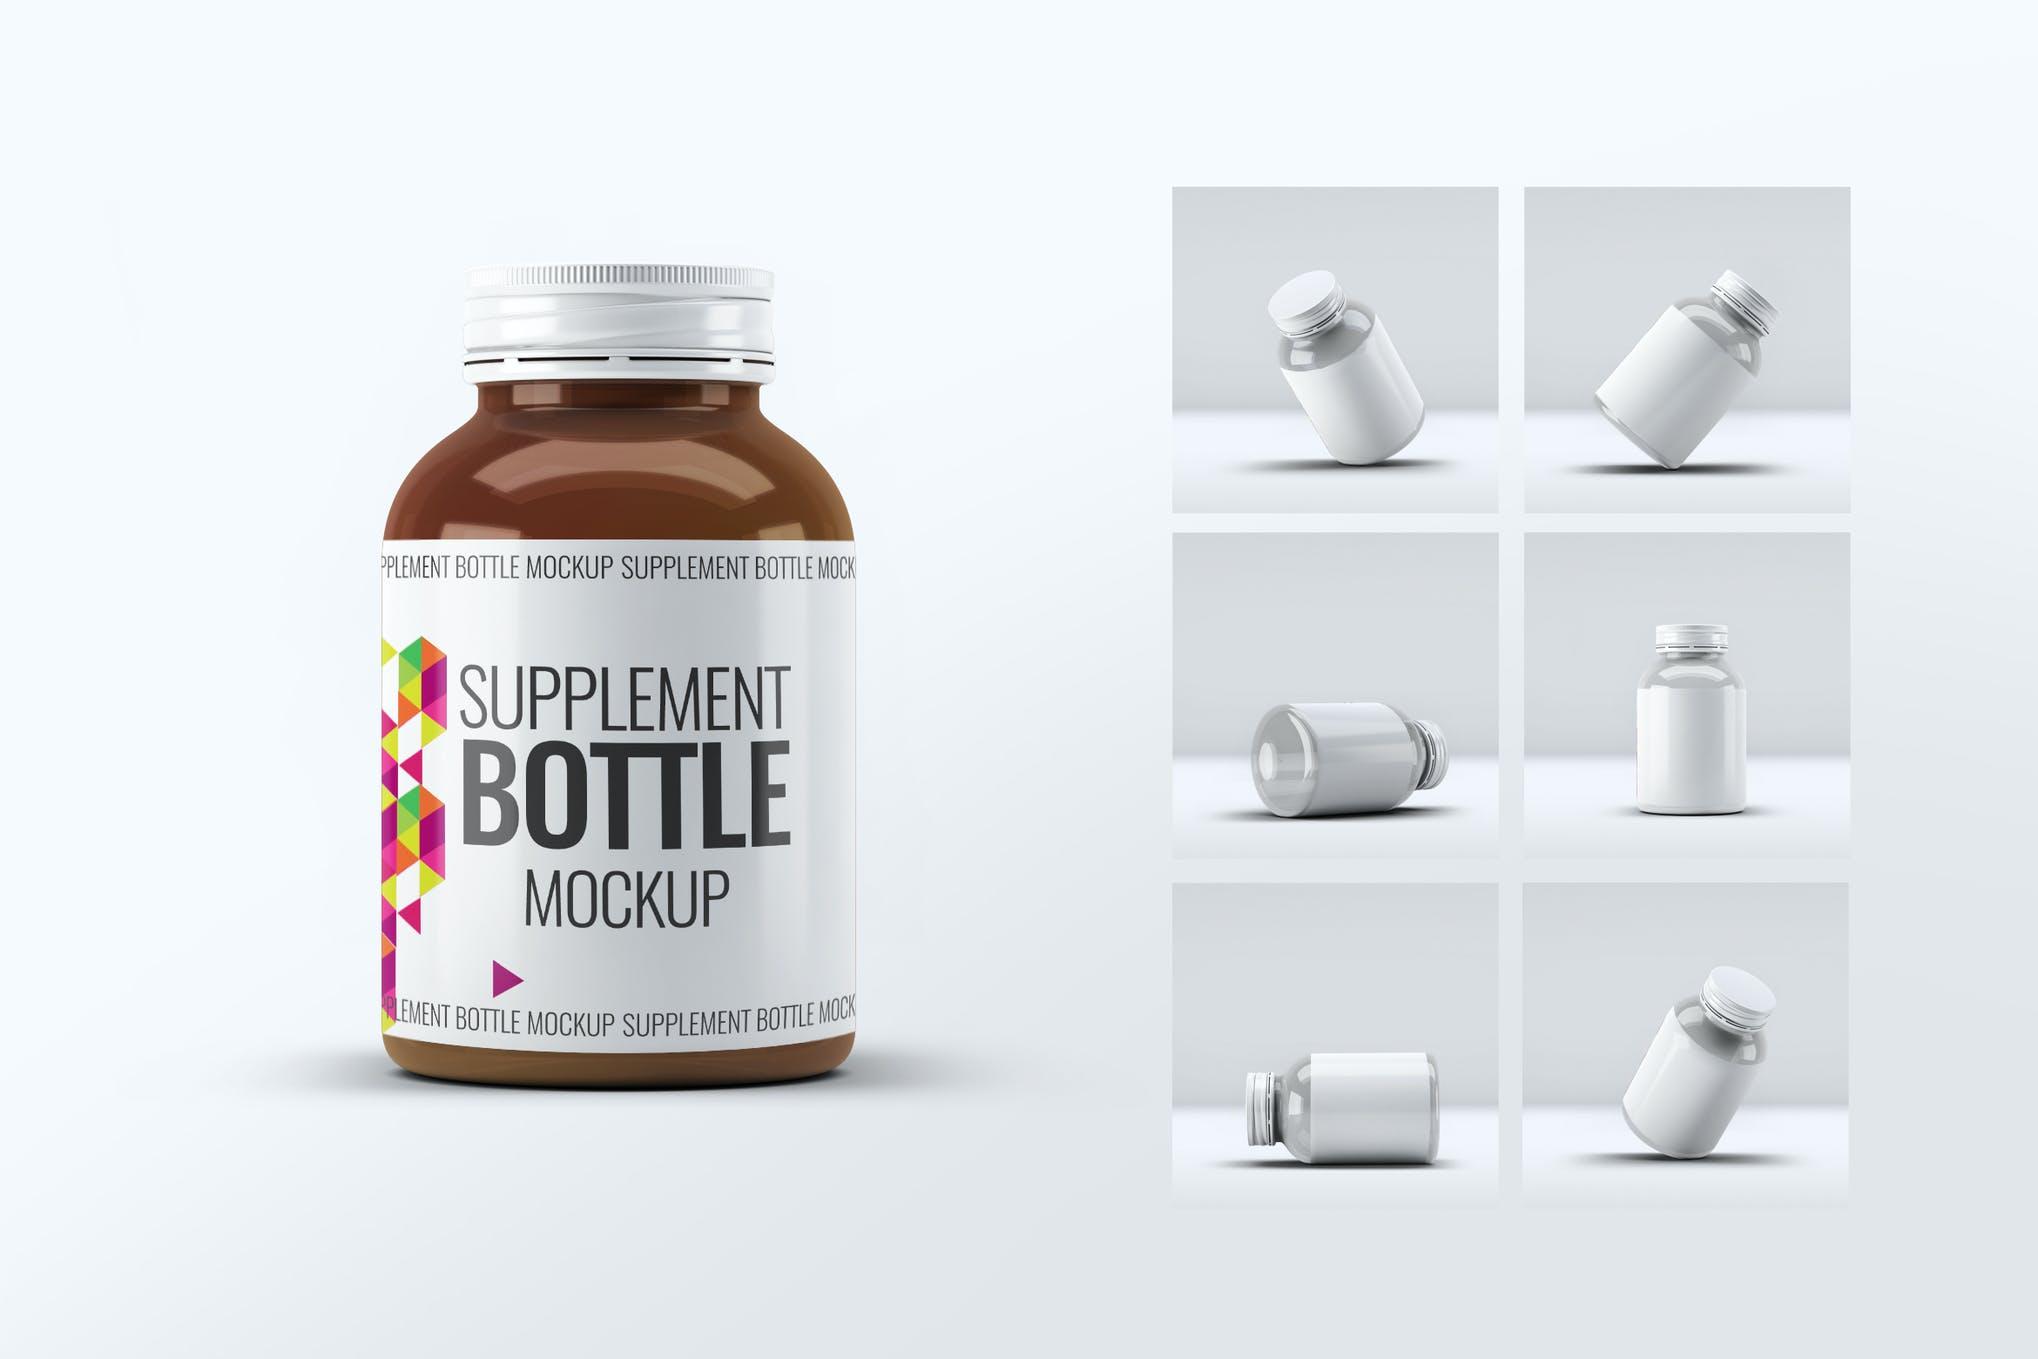 保养品瓶子包装样机效果图插图(1)